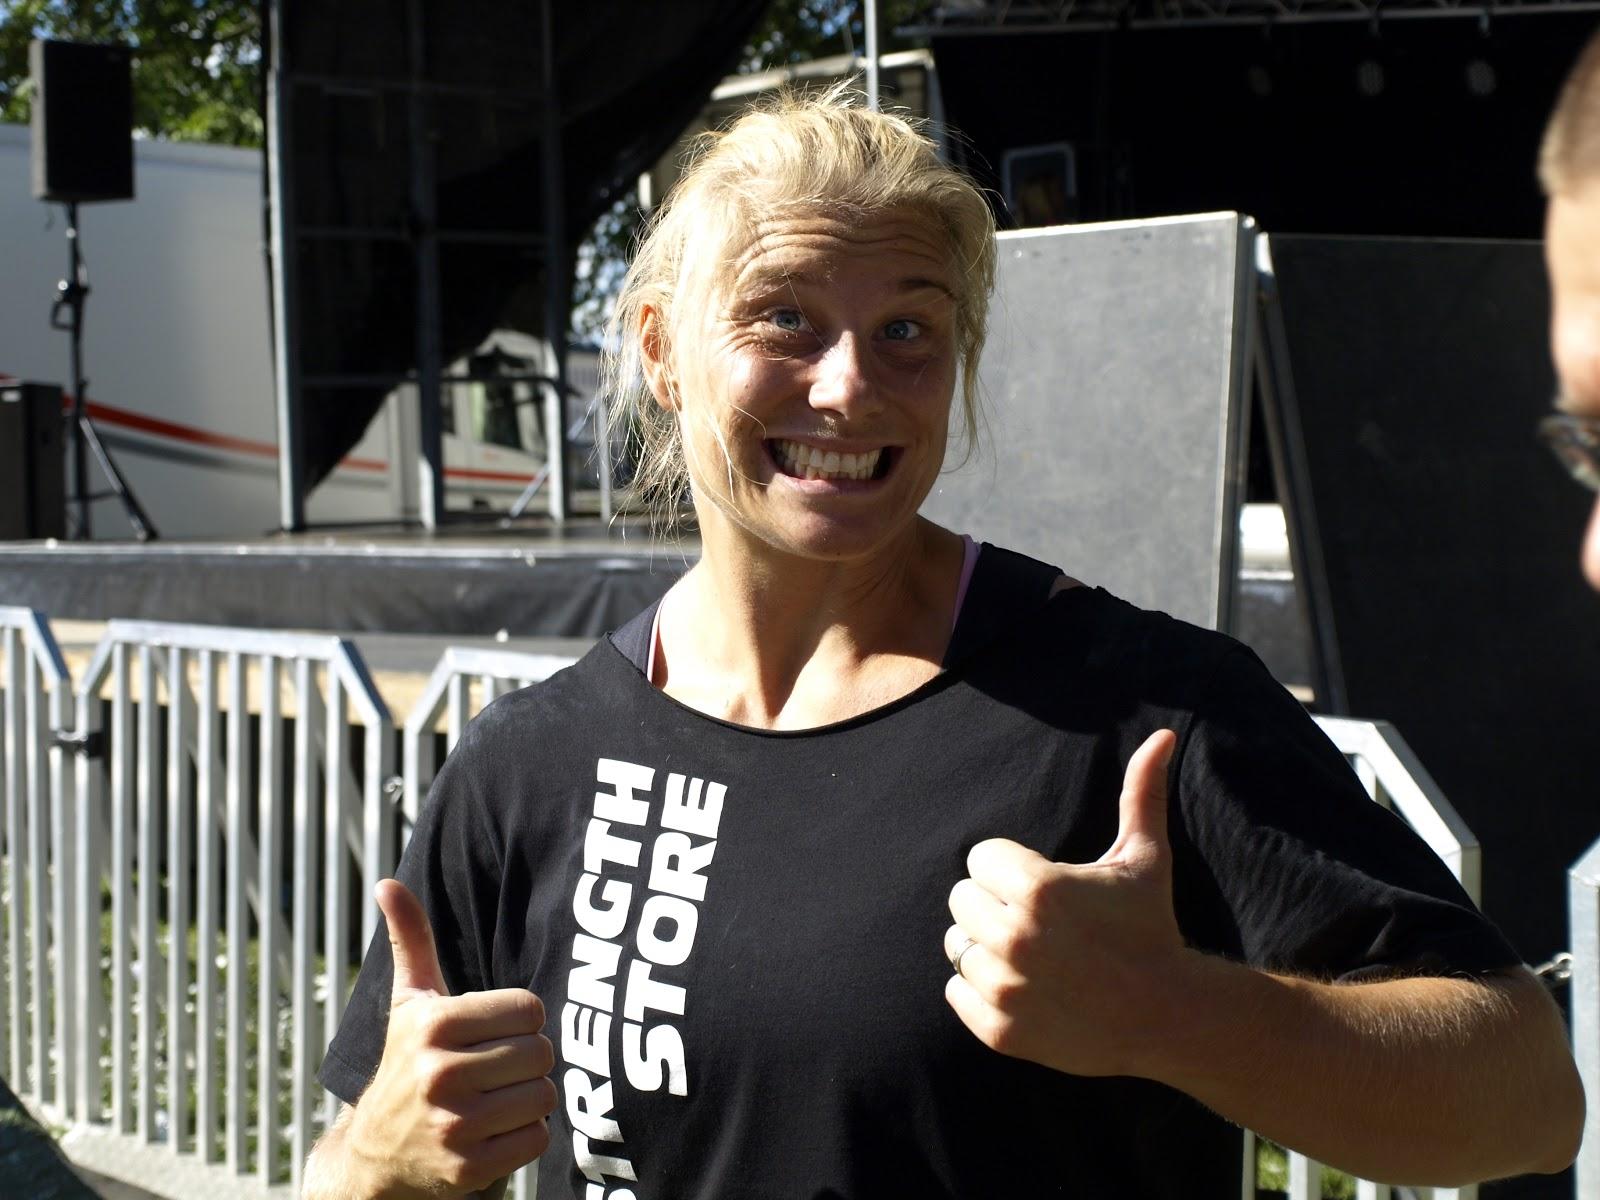 Svenskt rekord av cecilia nilsson 2